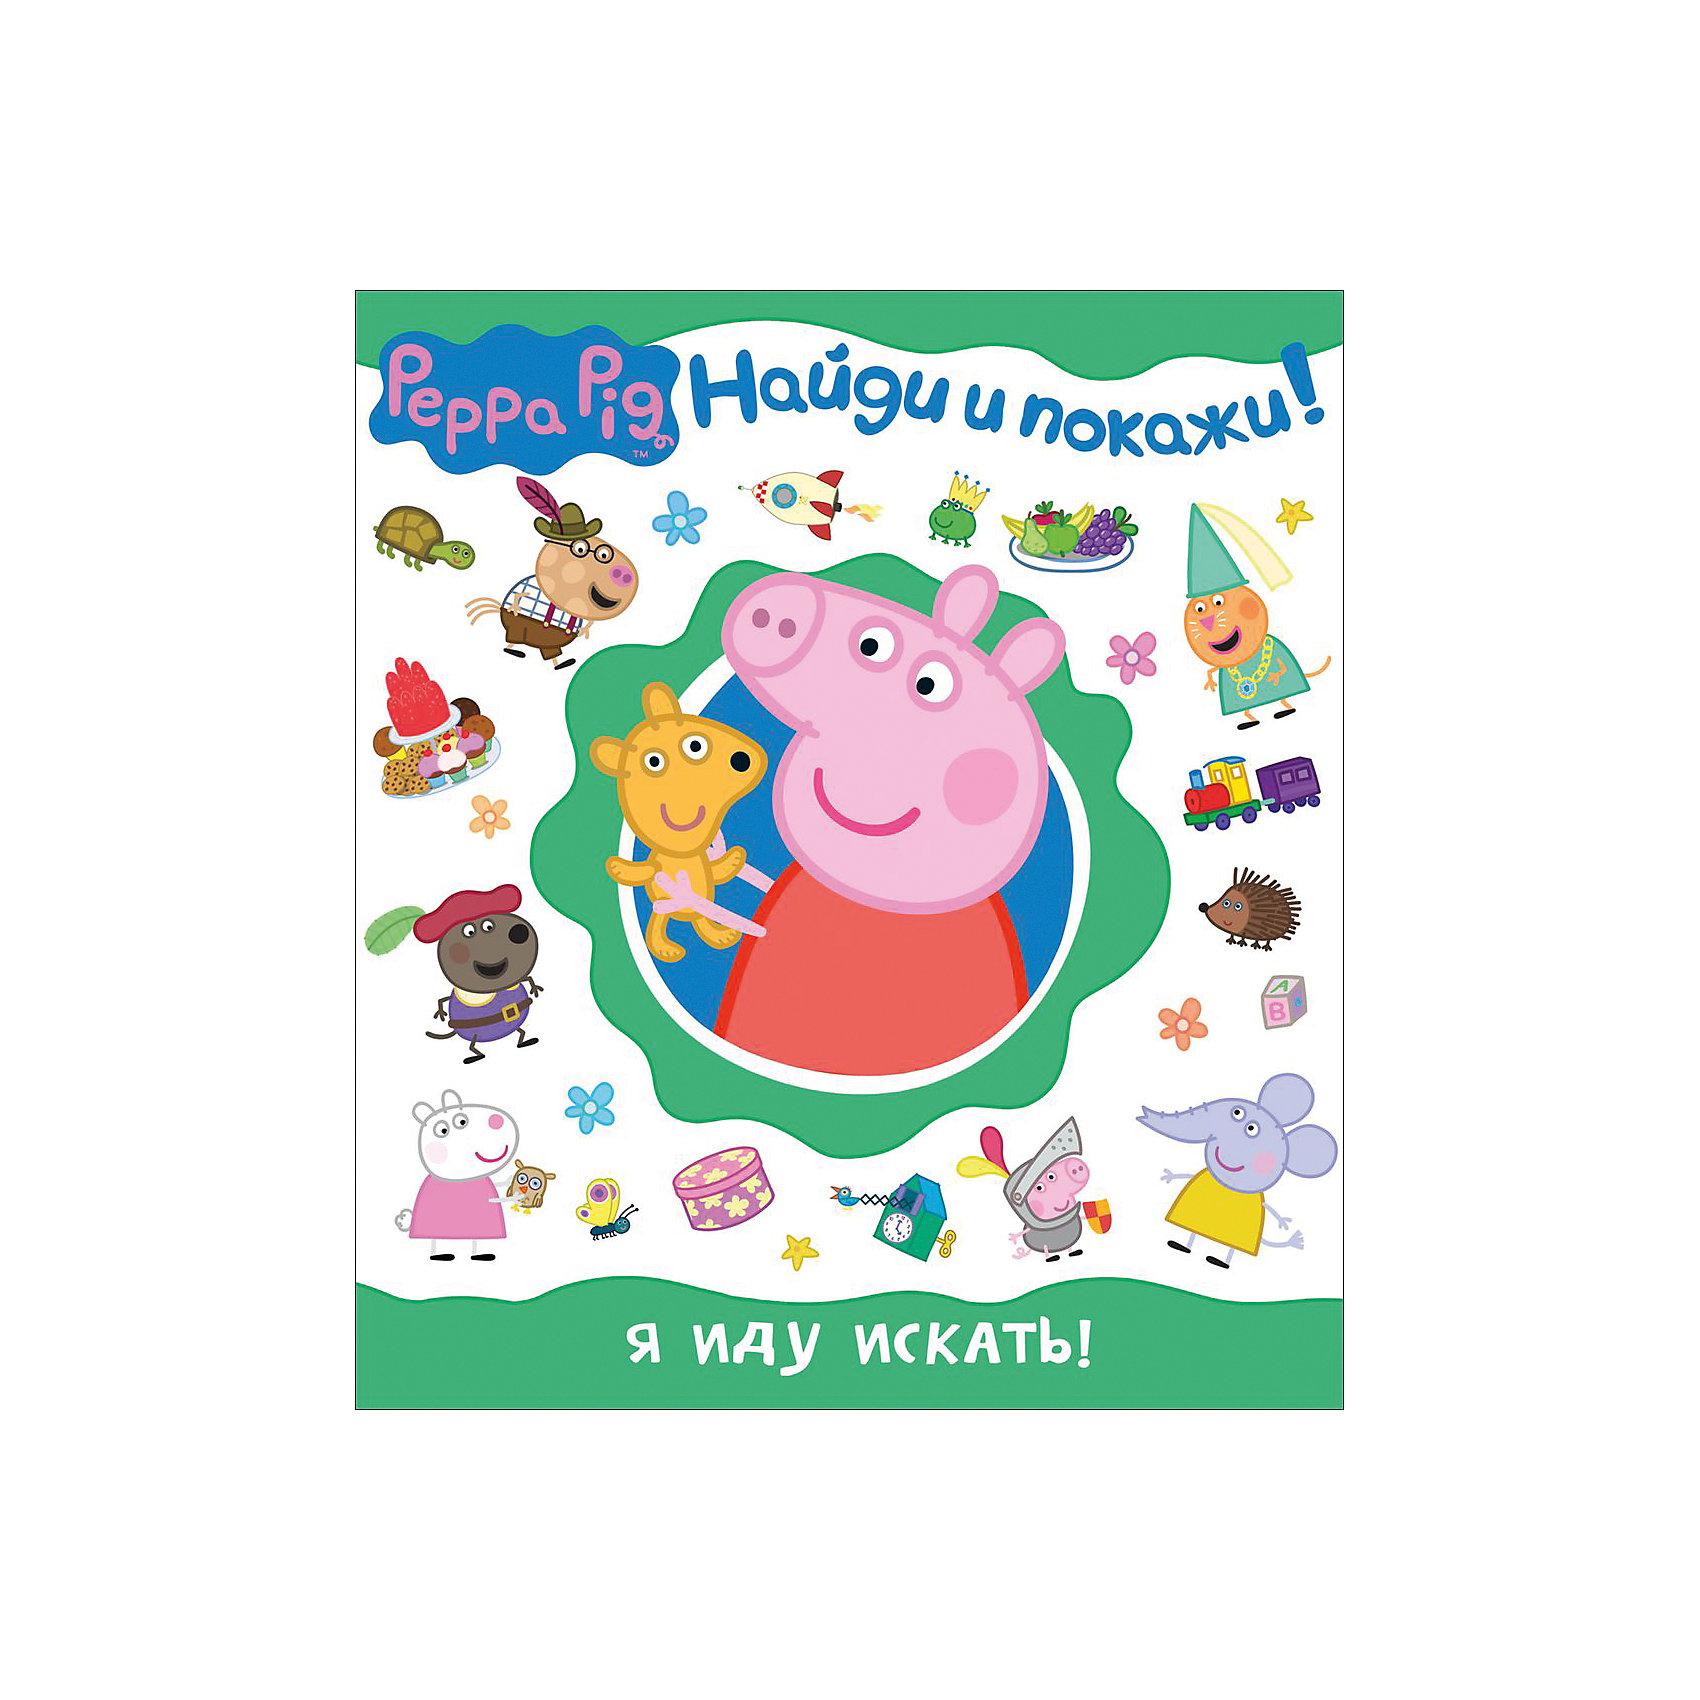 Найди и покажи Я иду искать!, Свинка ПеппаНайди и покажи Я иду искать!, Свинка Пеппа<br><br>Характеристики:<br>- количество страниц: 10<br>- формат: 25 * 0.8 * 23 см.<br>- Тип обложки: мягкая<br>- Иллюстрации: цветные<br>- вес: 335 гр.<br>Яркая и цветная книга с любимыми героями из мультсериала Свинка Пеппа помогут ребенку узнать больше о персонажах и играть с ними в веселые игры, постепенно развиваясь. Большие картинки с разными ситуациями содержат персонажей и предметы, малышу нужно найти эти предметы на картинке. Такие игры и задания позволят заинтересовать малыша на долгое время. Книжка поможет развить внимательность, зрительную память, усидчивость и воображение. Также с помощью таких игр можно расширить словарный запас и узнать много нового.<br>Найди и покажи  Я иду искать!, Свинка Пеппа можно купить в нашем интернет-магазине.<br>Подробнее:<br>• ISBN: 9785353078241<br>• Для детей в возрасте: от 0 до 4 лет<br>• Номер товара: 5109596<br>Страна производитель: Российская Федерация<br><br>Ширина мм: 250<br>Глубина мм: 223<br>Высота мм: 8<br>Вес г: 335<br>Возраст от месяцев: 0<br>Возраст до месяцев: 36<br>Пол: Унисекс<br>Возраст: Детский<br>SKU: 5109596